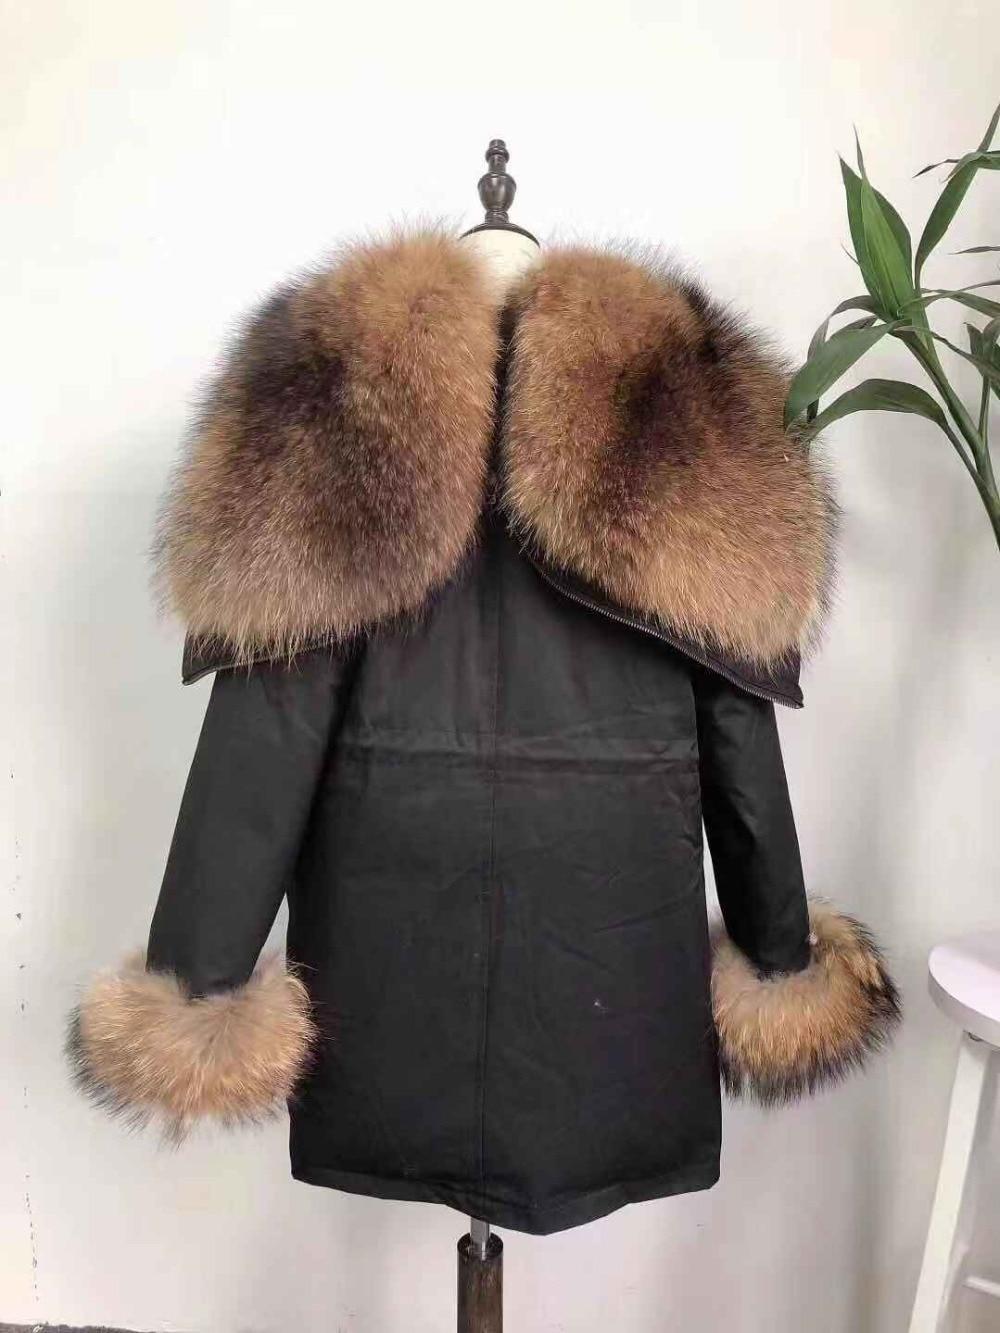 Parka D'hiver Fox À Capuchon Fourrure Collar Fur Real Veste Fur Raccoon Laveur Raton De Vers Le Bas Surdimensionné Réel Naturel Col Manteau Survêtement real 6r65Tqxw